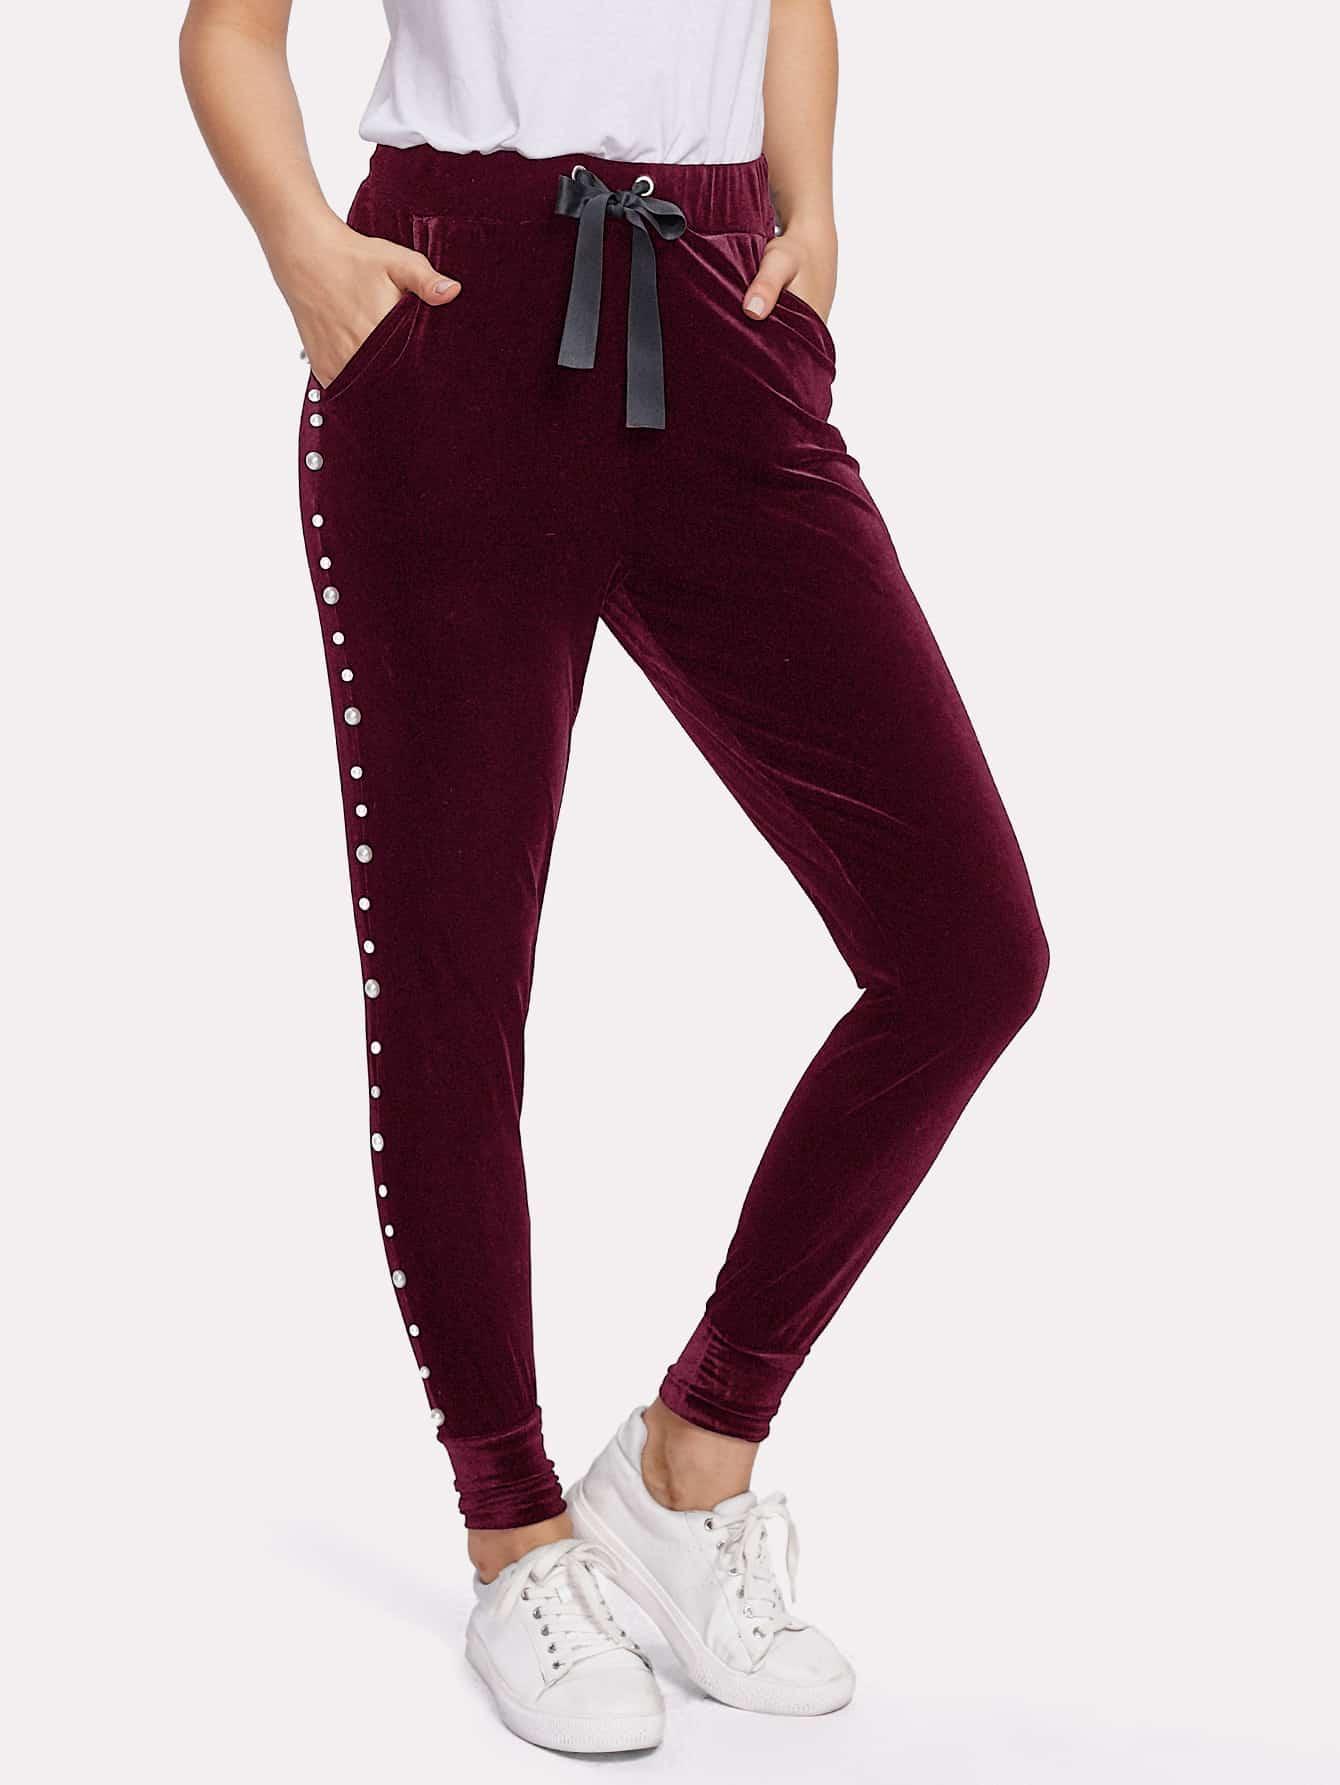 Купить Модные бархатные брюки на кулиске с бусинами, Zulcar, SheIn